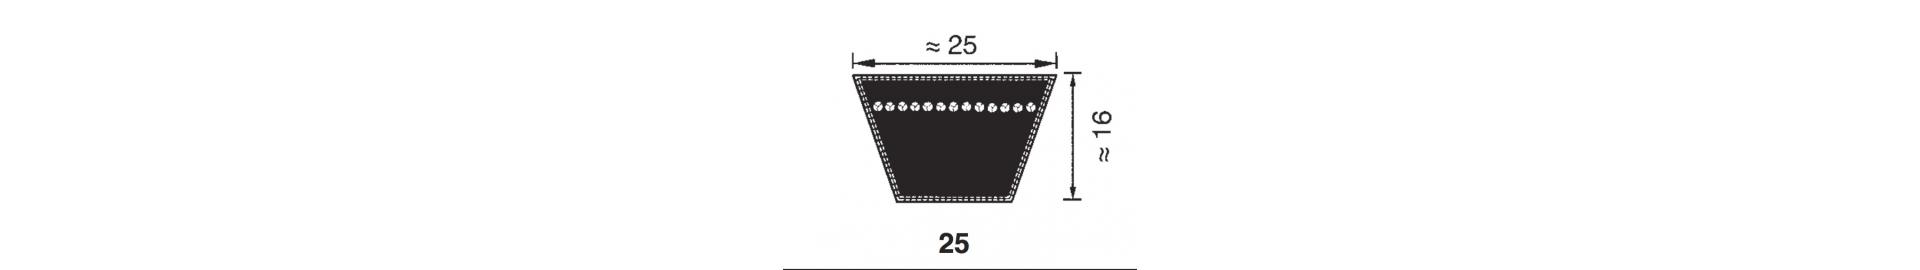 Pasek Klinowy H25